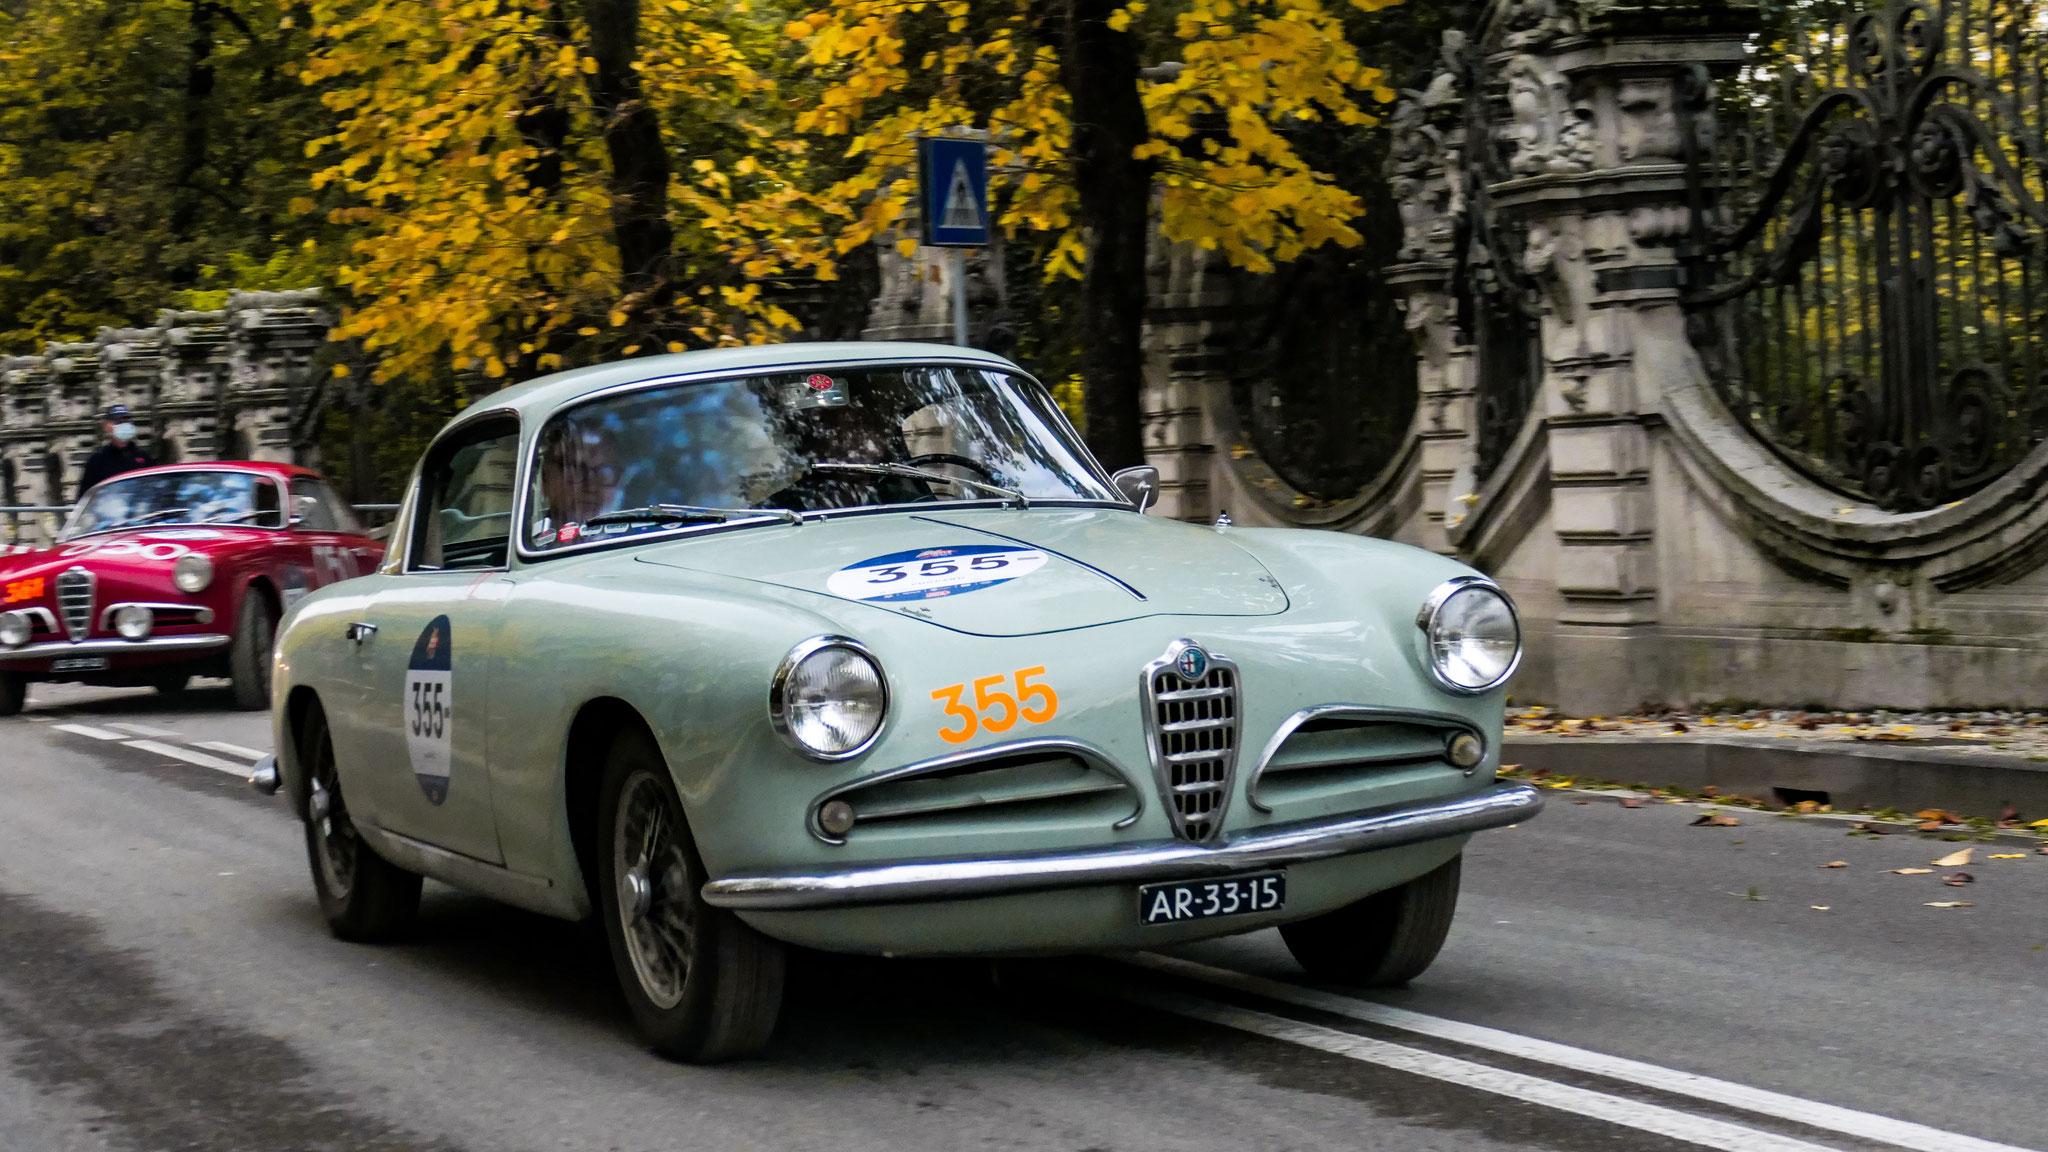 Alfa Romeo 1900C Super Sprint Touring - AR-33-15 (NL)